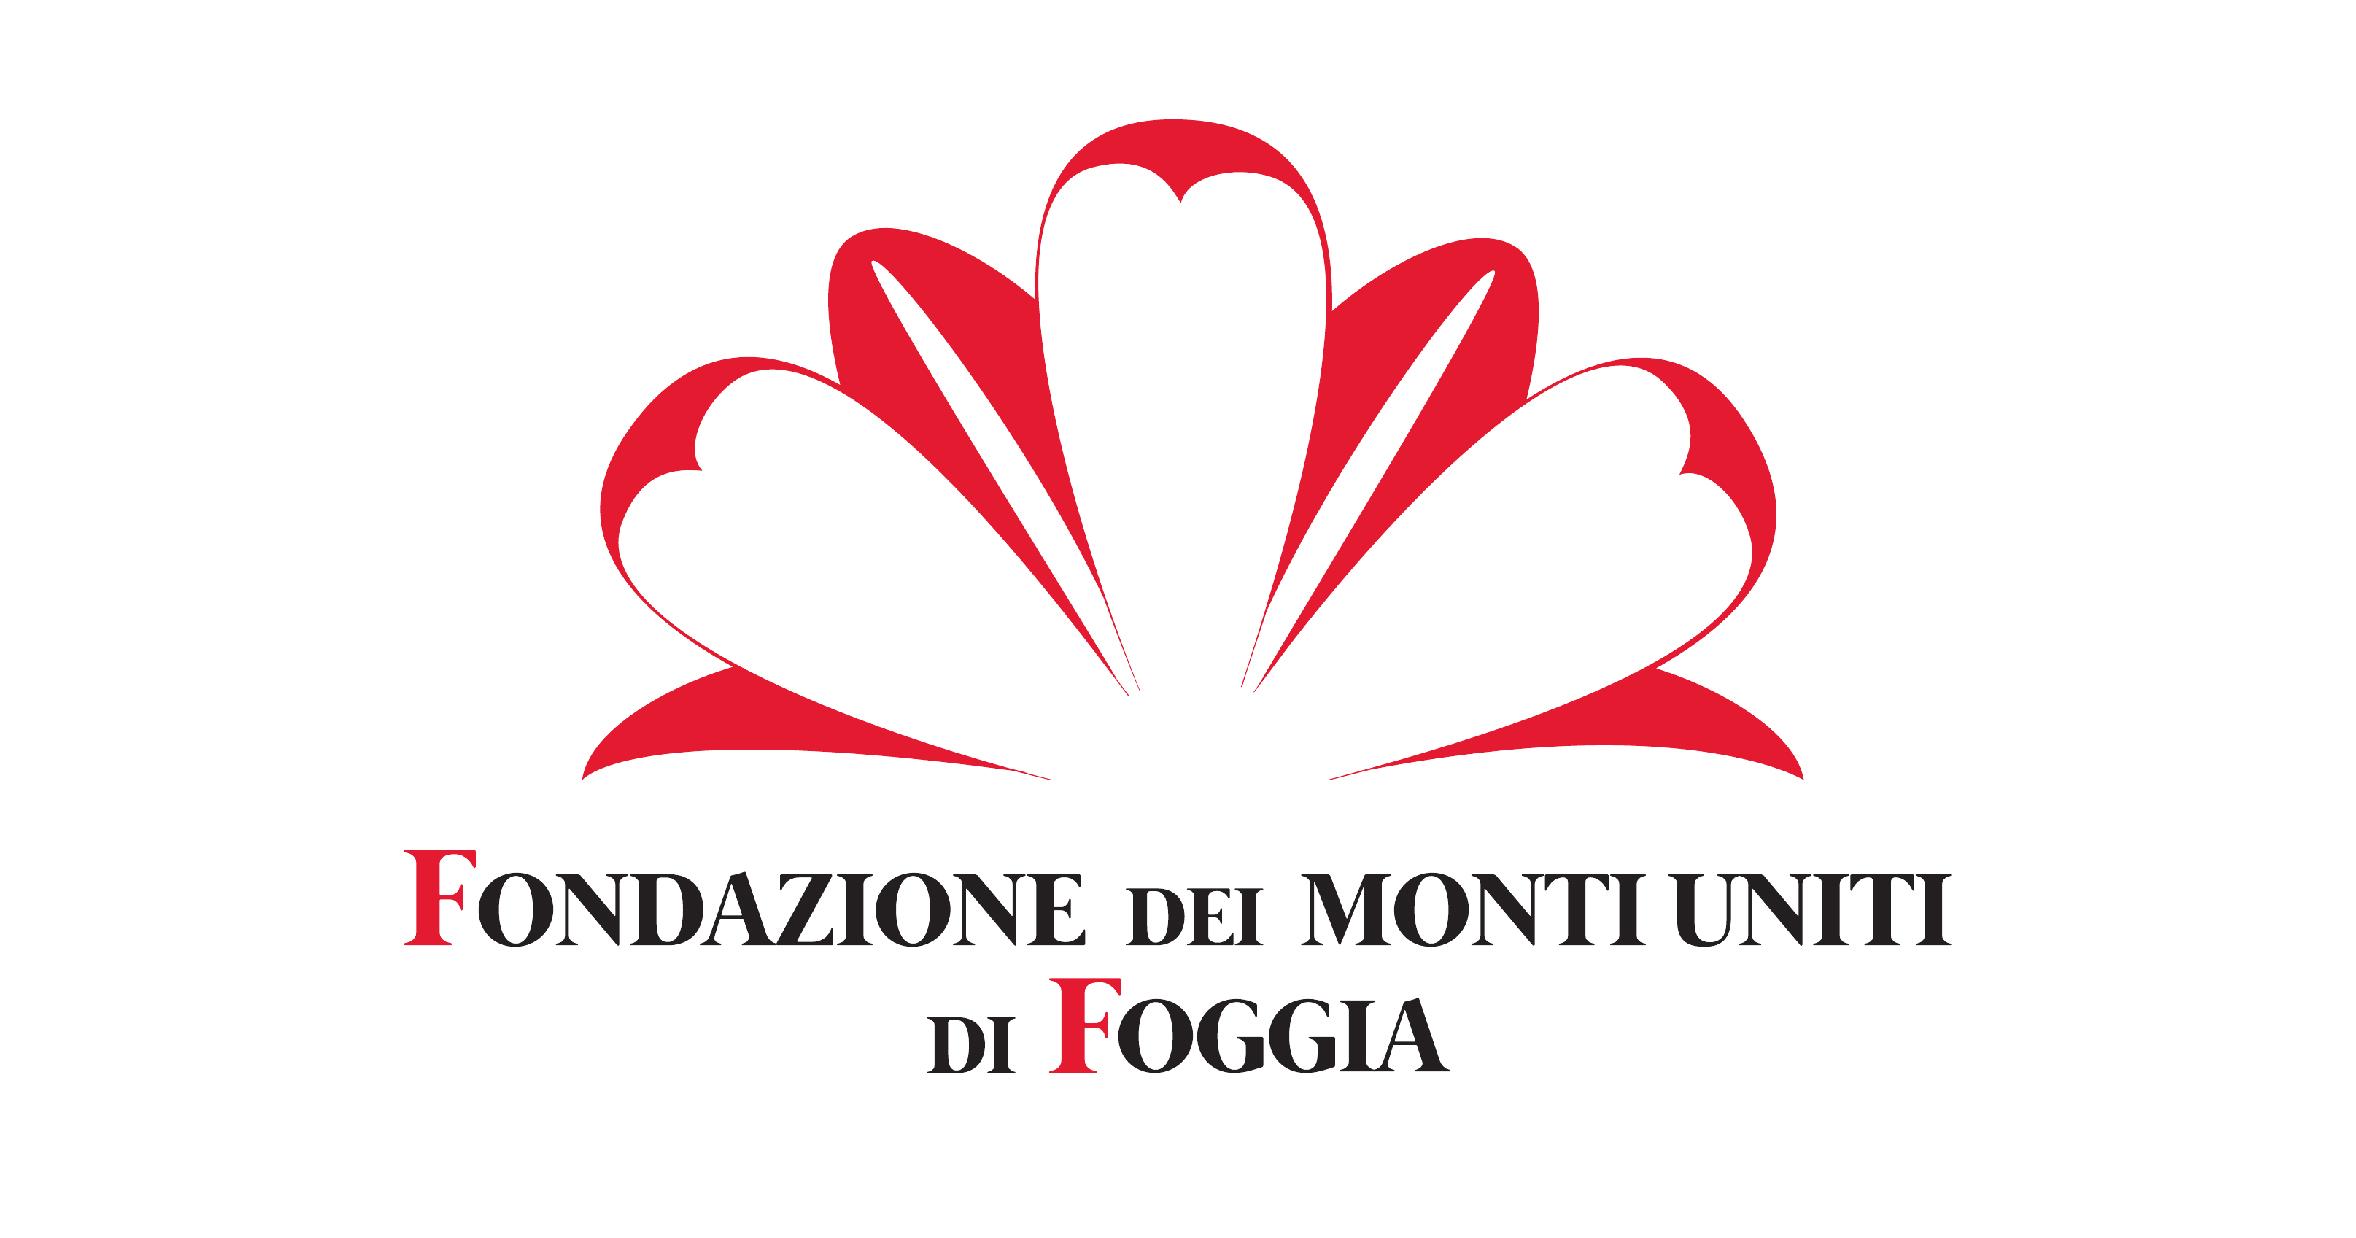 Logo Fondazione Monti Uniti Foggia-06